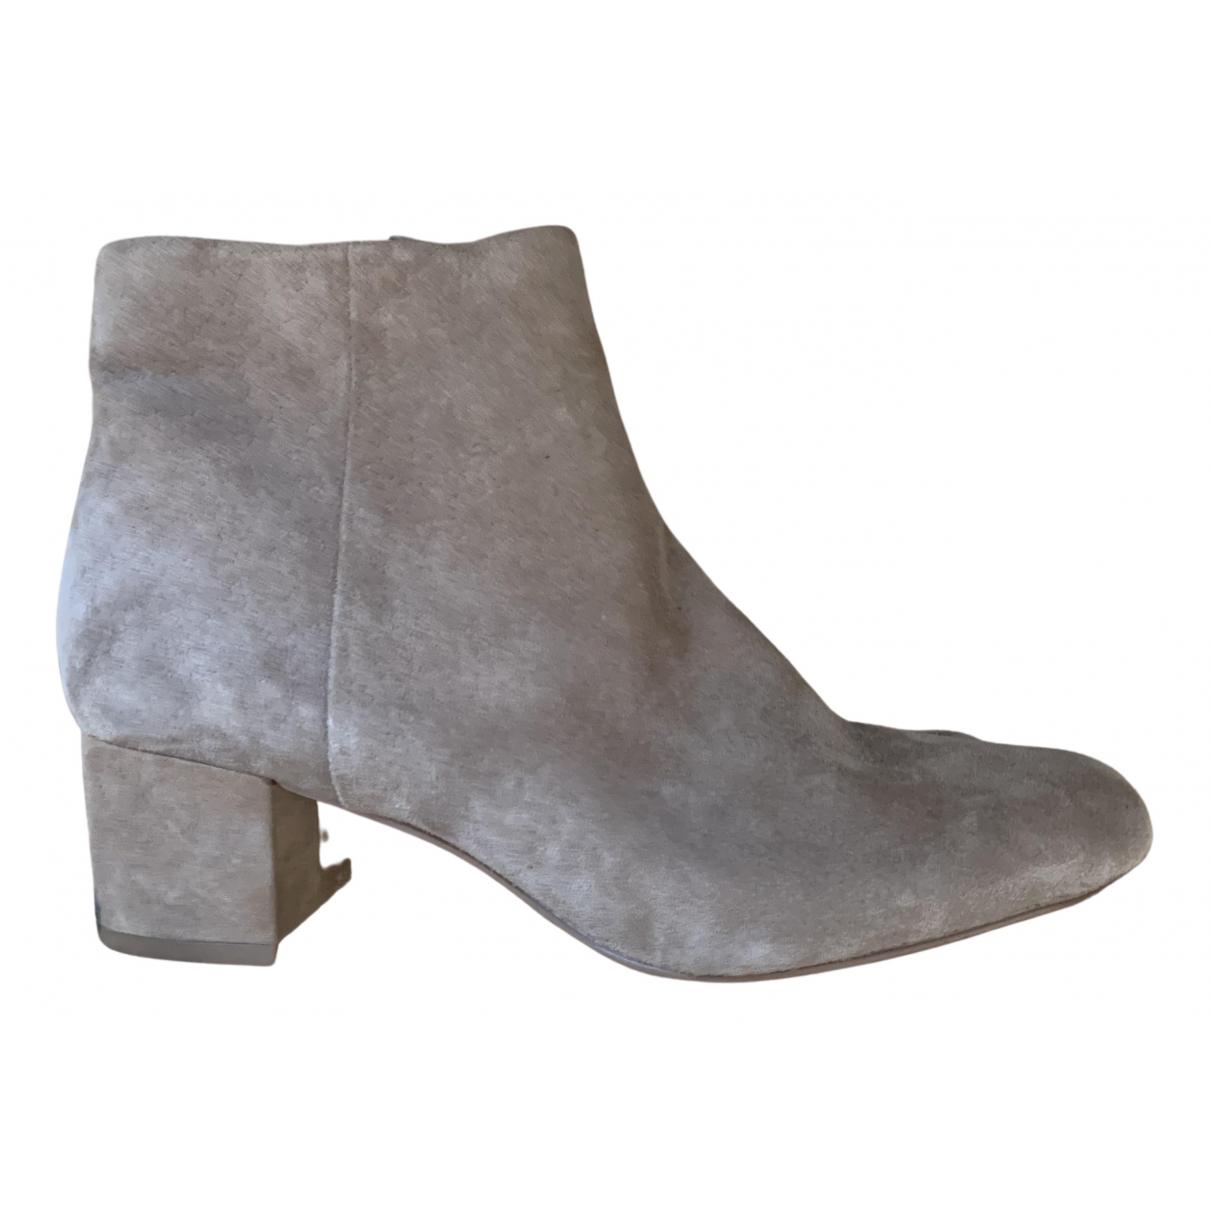 Sam Edelman - Boots   pour femme en suede - beige